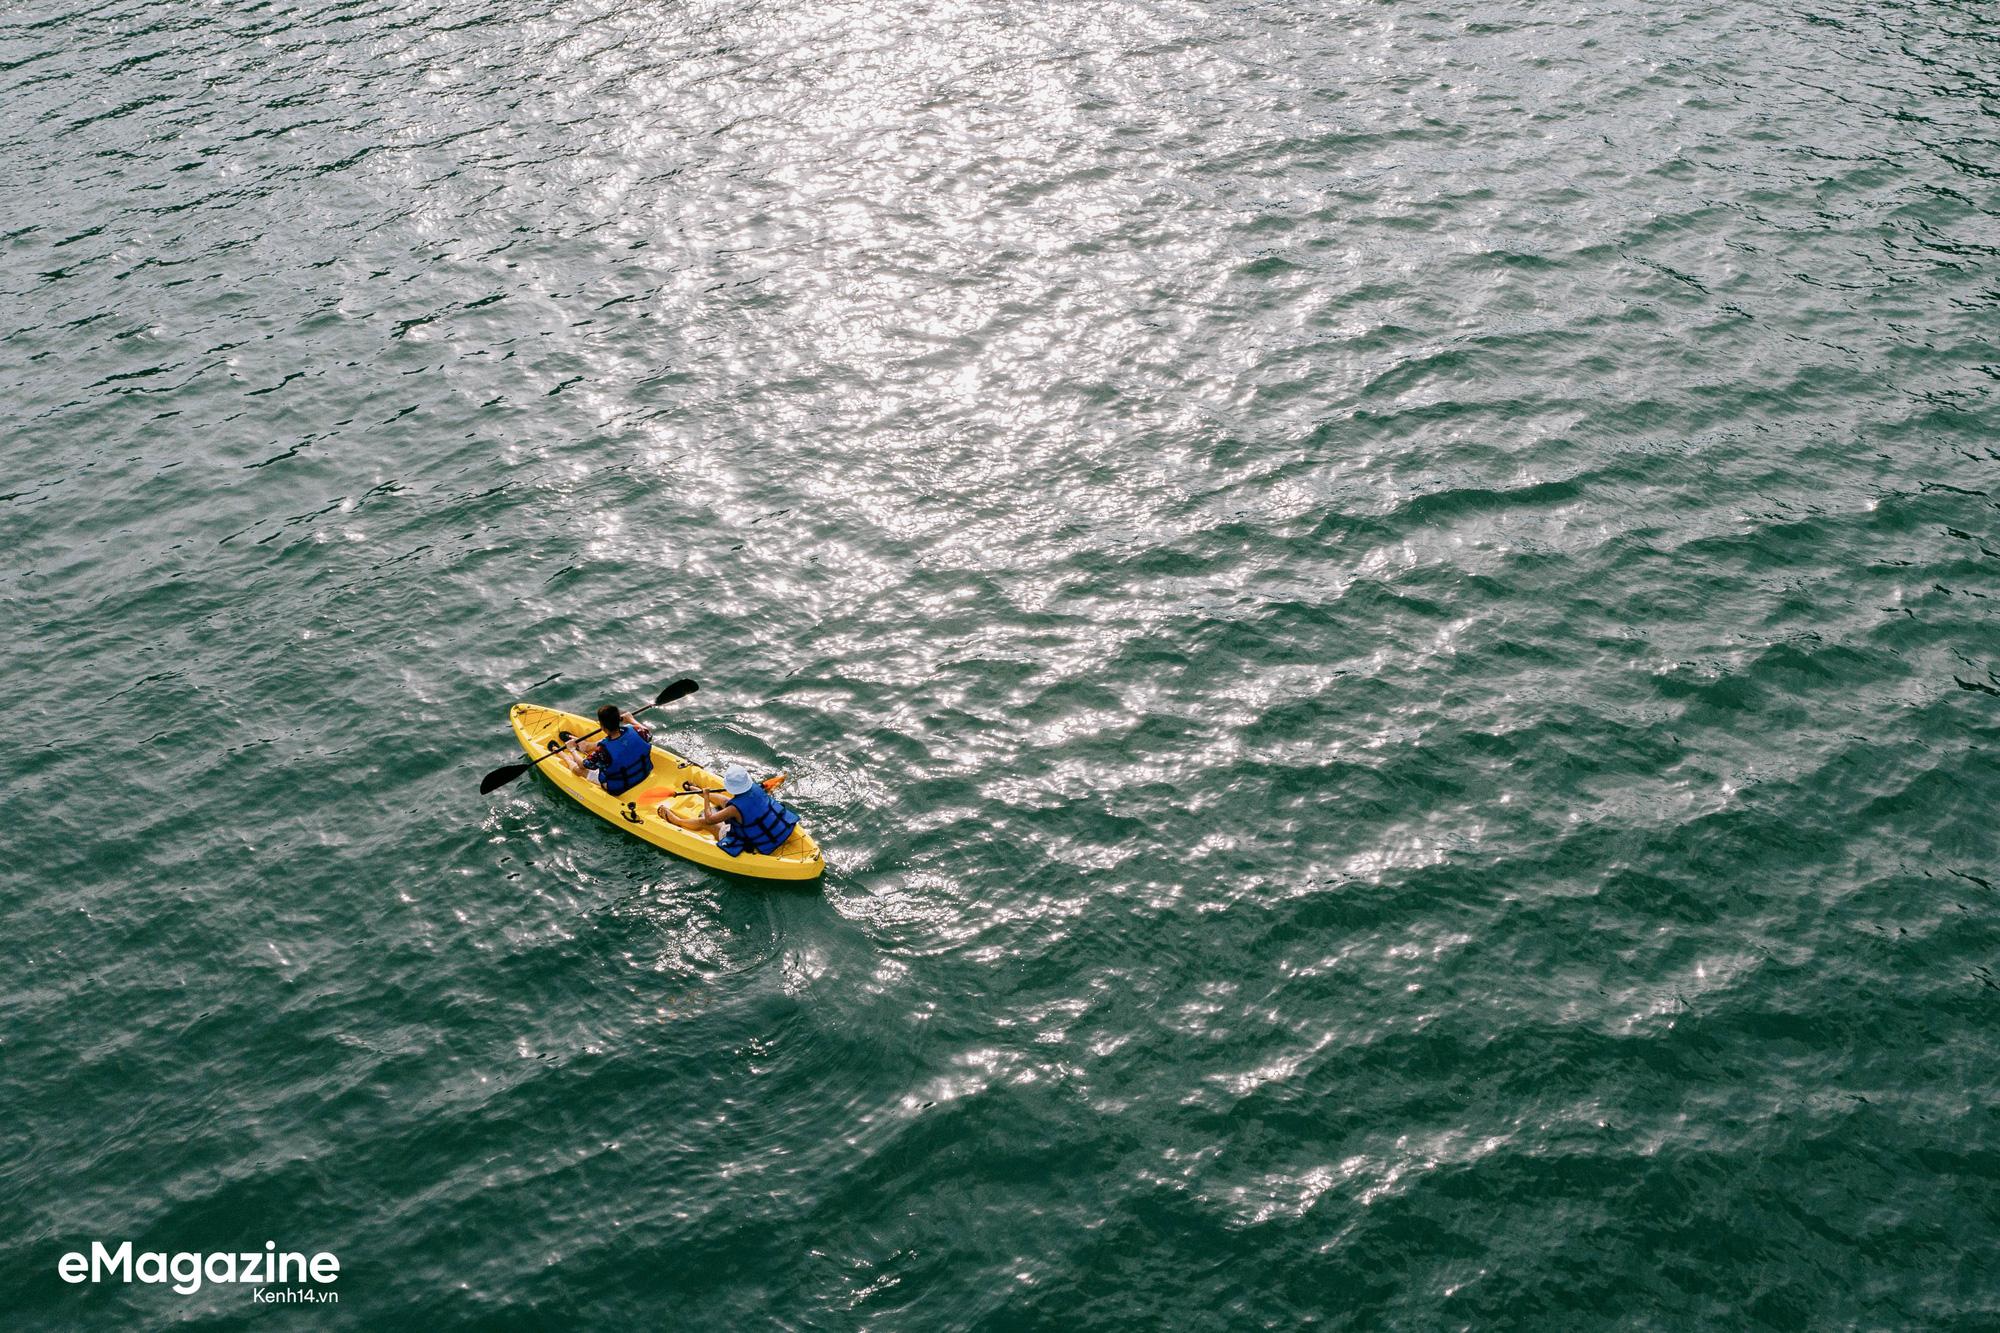 Trải nghiệm vịnh Lan Hạ đẹp như thơ trên du thuyền 5 sao để nhận ra: Đi du lịch ở Việt Nam có thể đẳng cấp chẳng kém chỗ nào! - Ảnh 13.